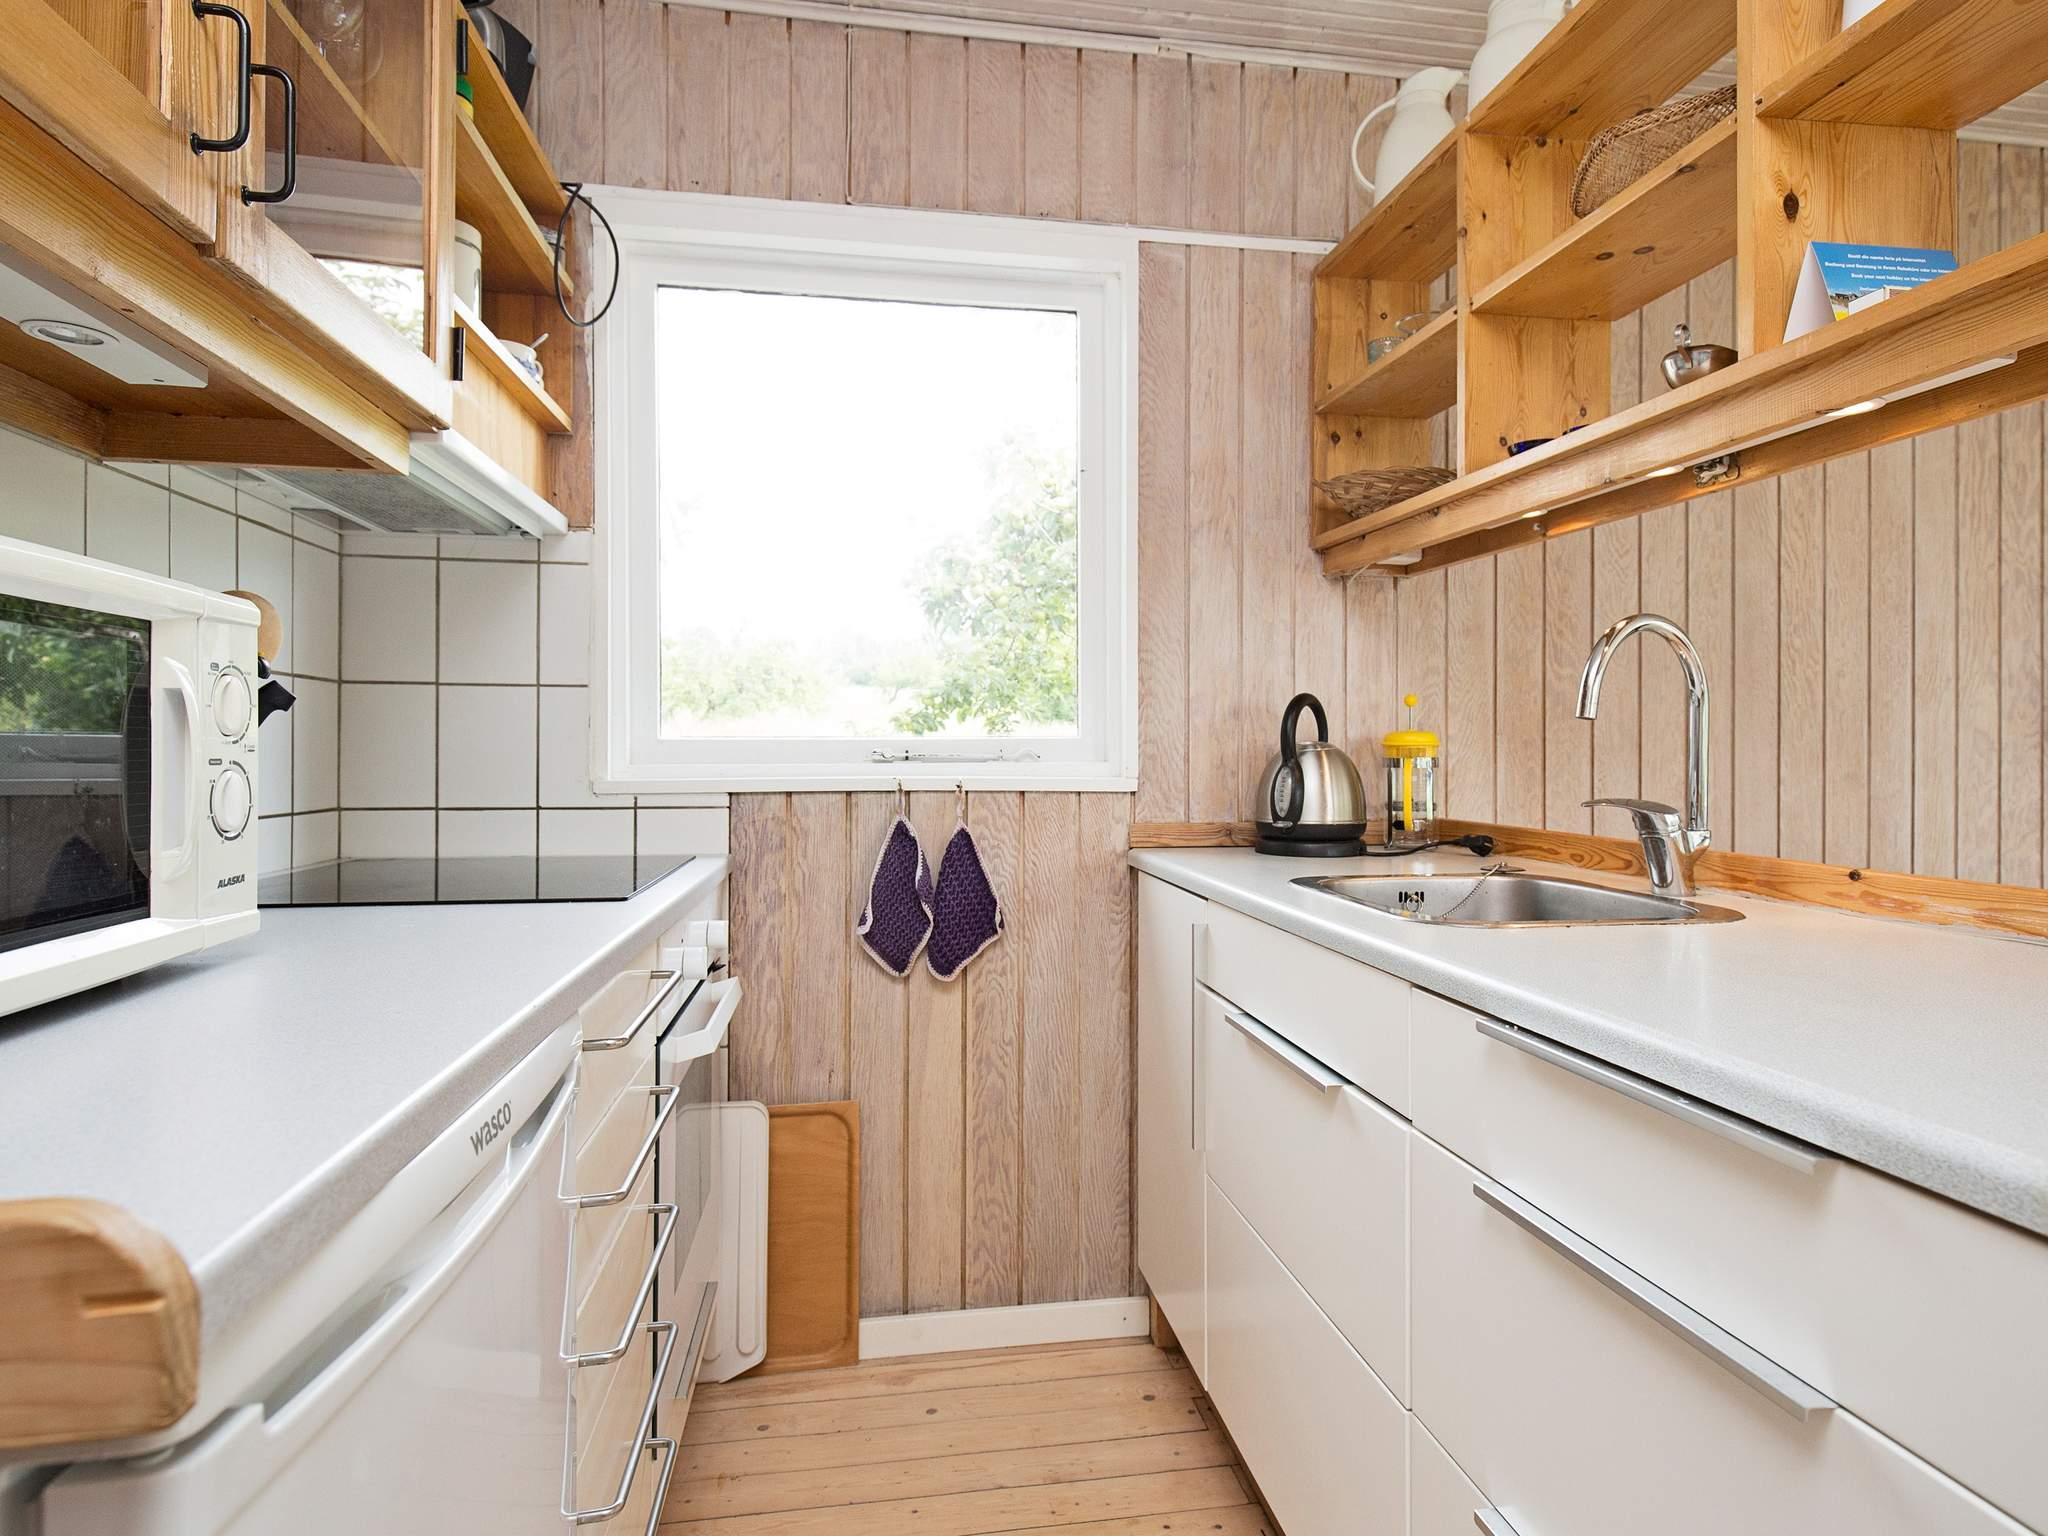 Ferienhaus Bakkebølle Strand (81867), Bakkebølle Strand, , Südseeland, Dänemark, Bild 4